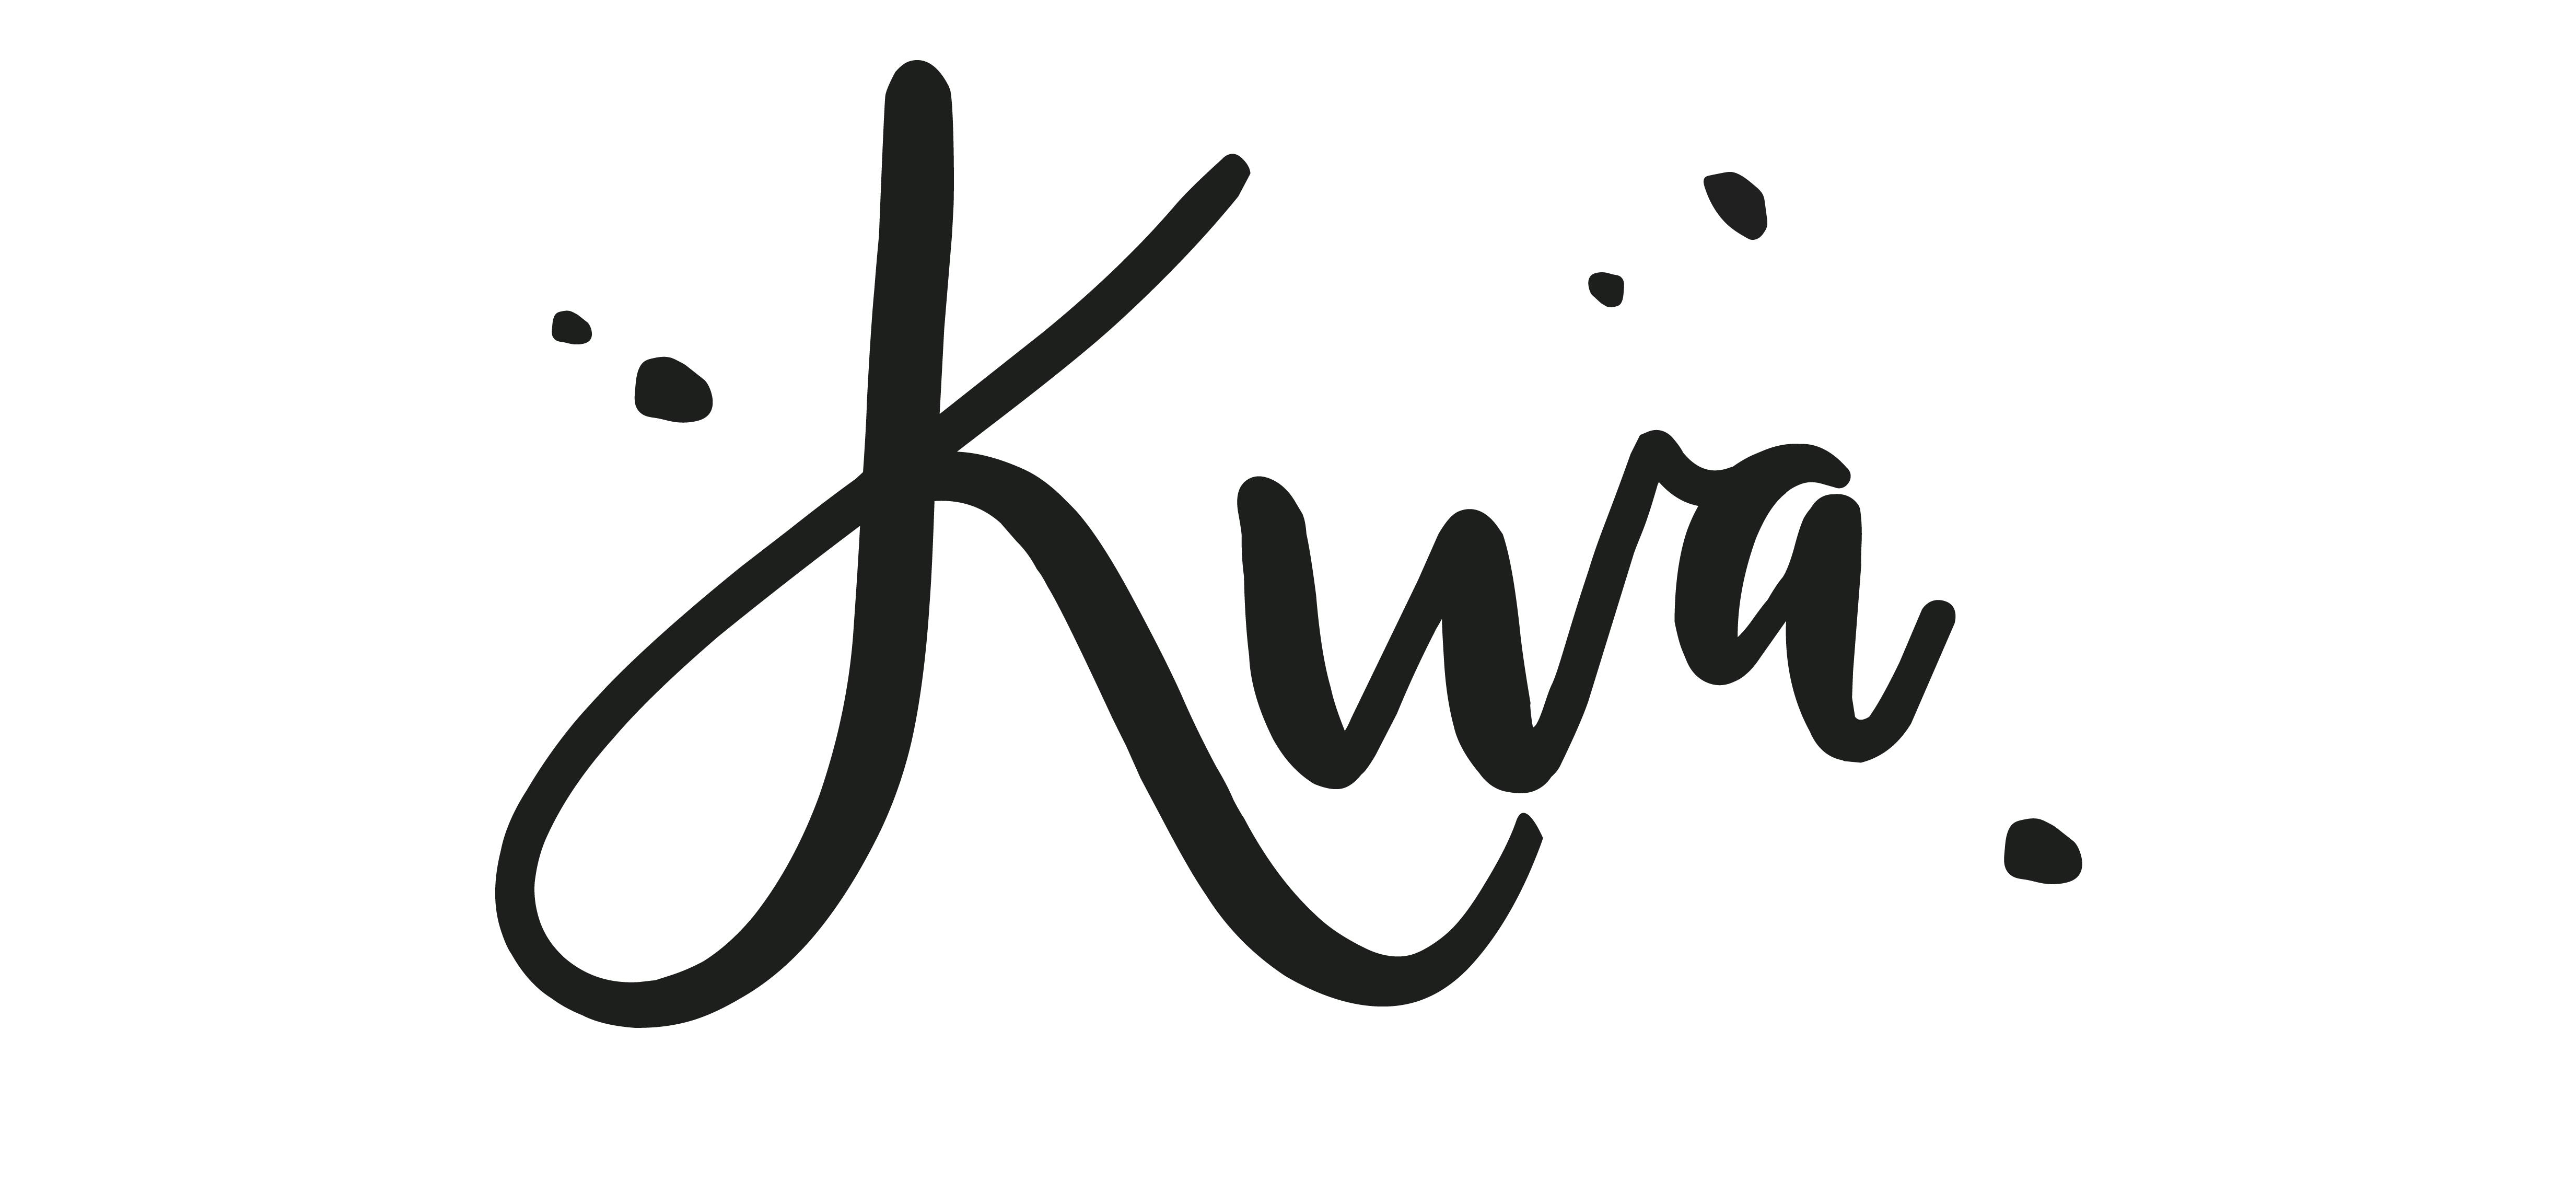 Studio Kwa